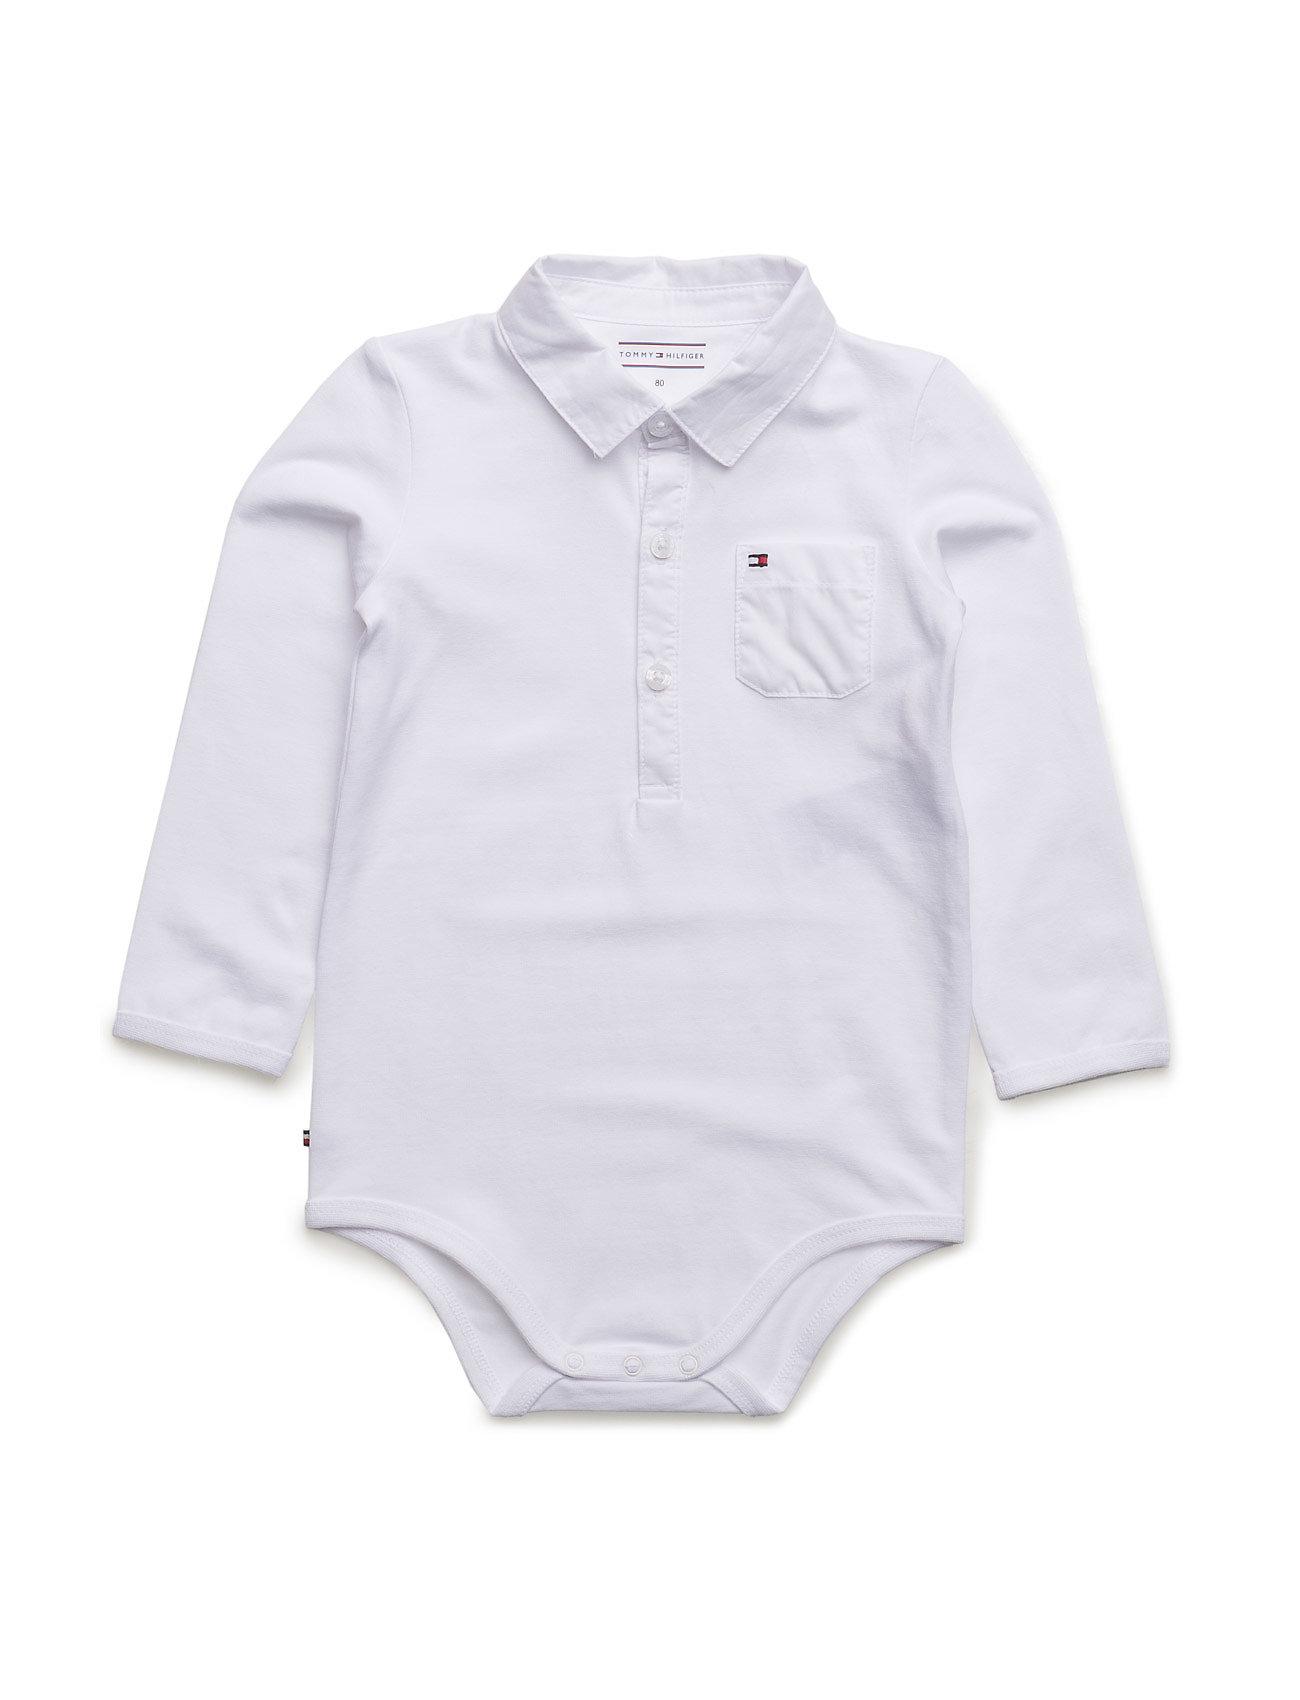 Combi Baby Boy Body L/S Tommy Hilfiger Langærmede bodies til Børn i hvid